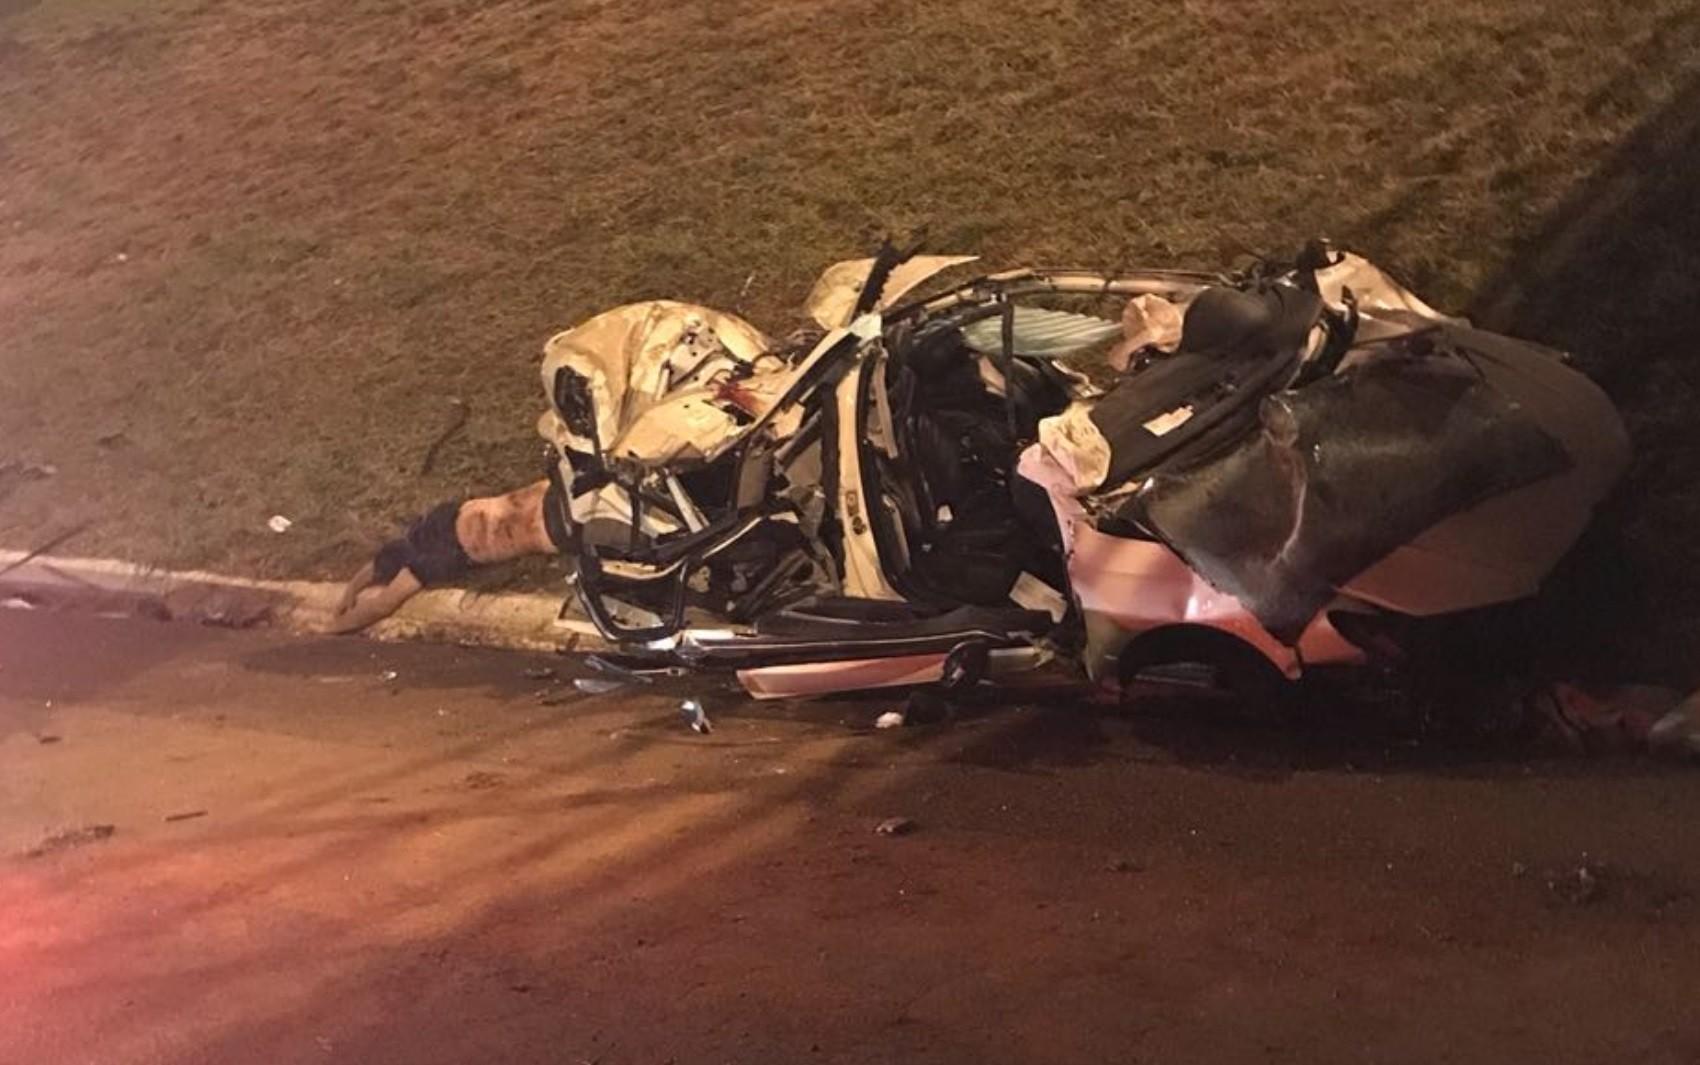 Três amigos morrem após carro capotar no viaduto do Alphaville Flamboyant, em Goiânia